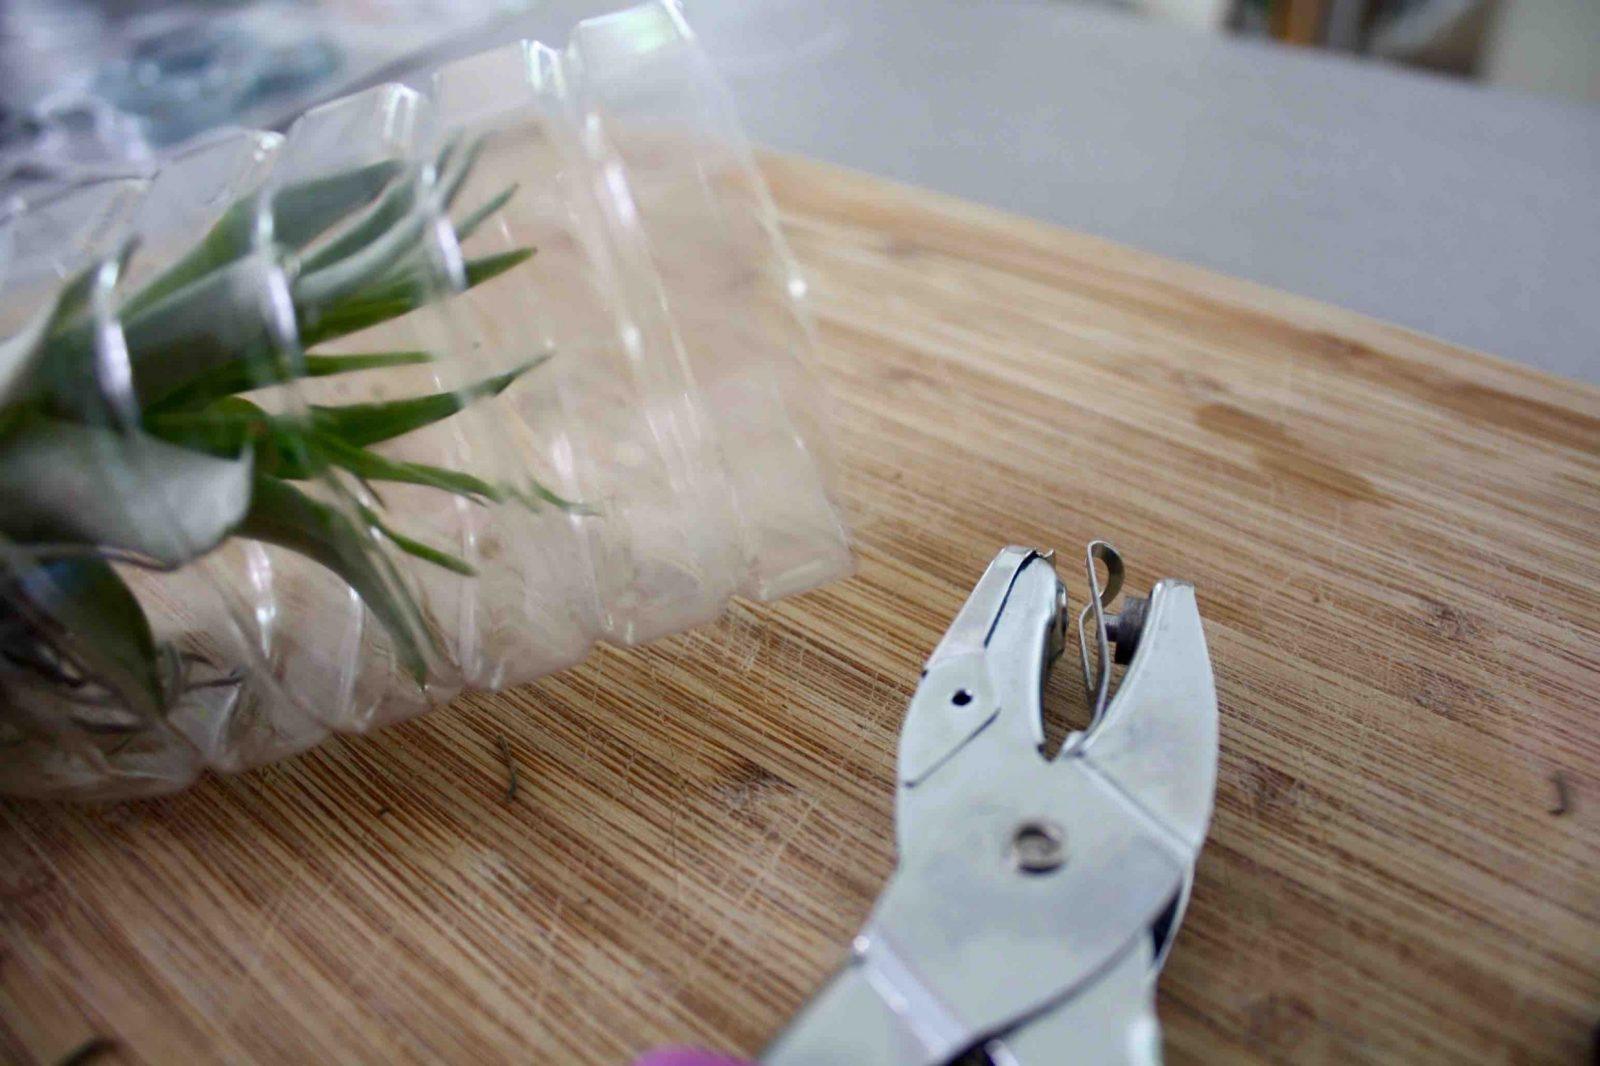 Upcycling Ideen Plastikflaschen Hängevase Tillandsie Hängegarten von Upcycling Ideen Zum Selbermachen Bild